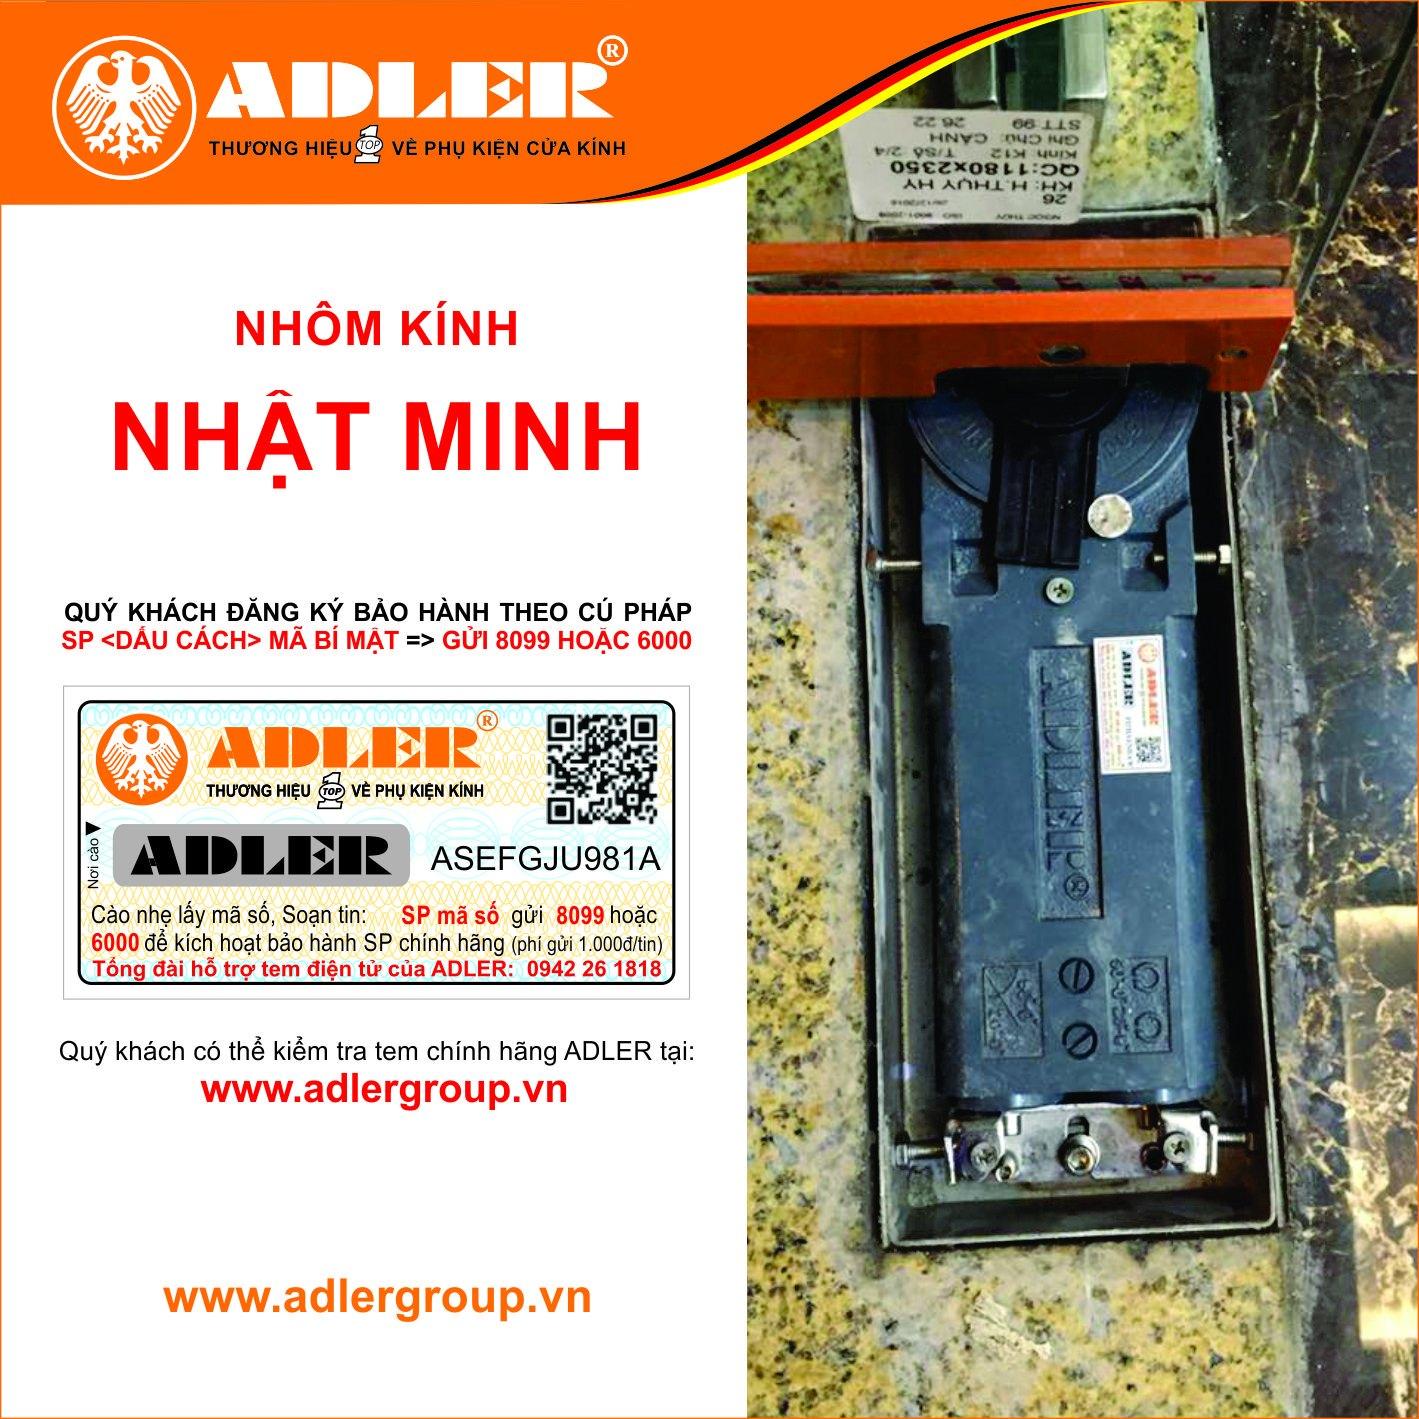 Cùng nhôm kính Nhật Minh kích hoạt tem bảo hành điện tử Adler nào!